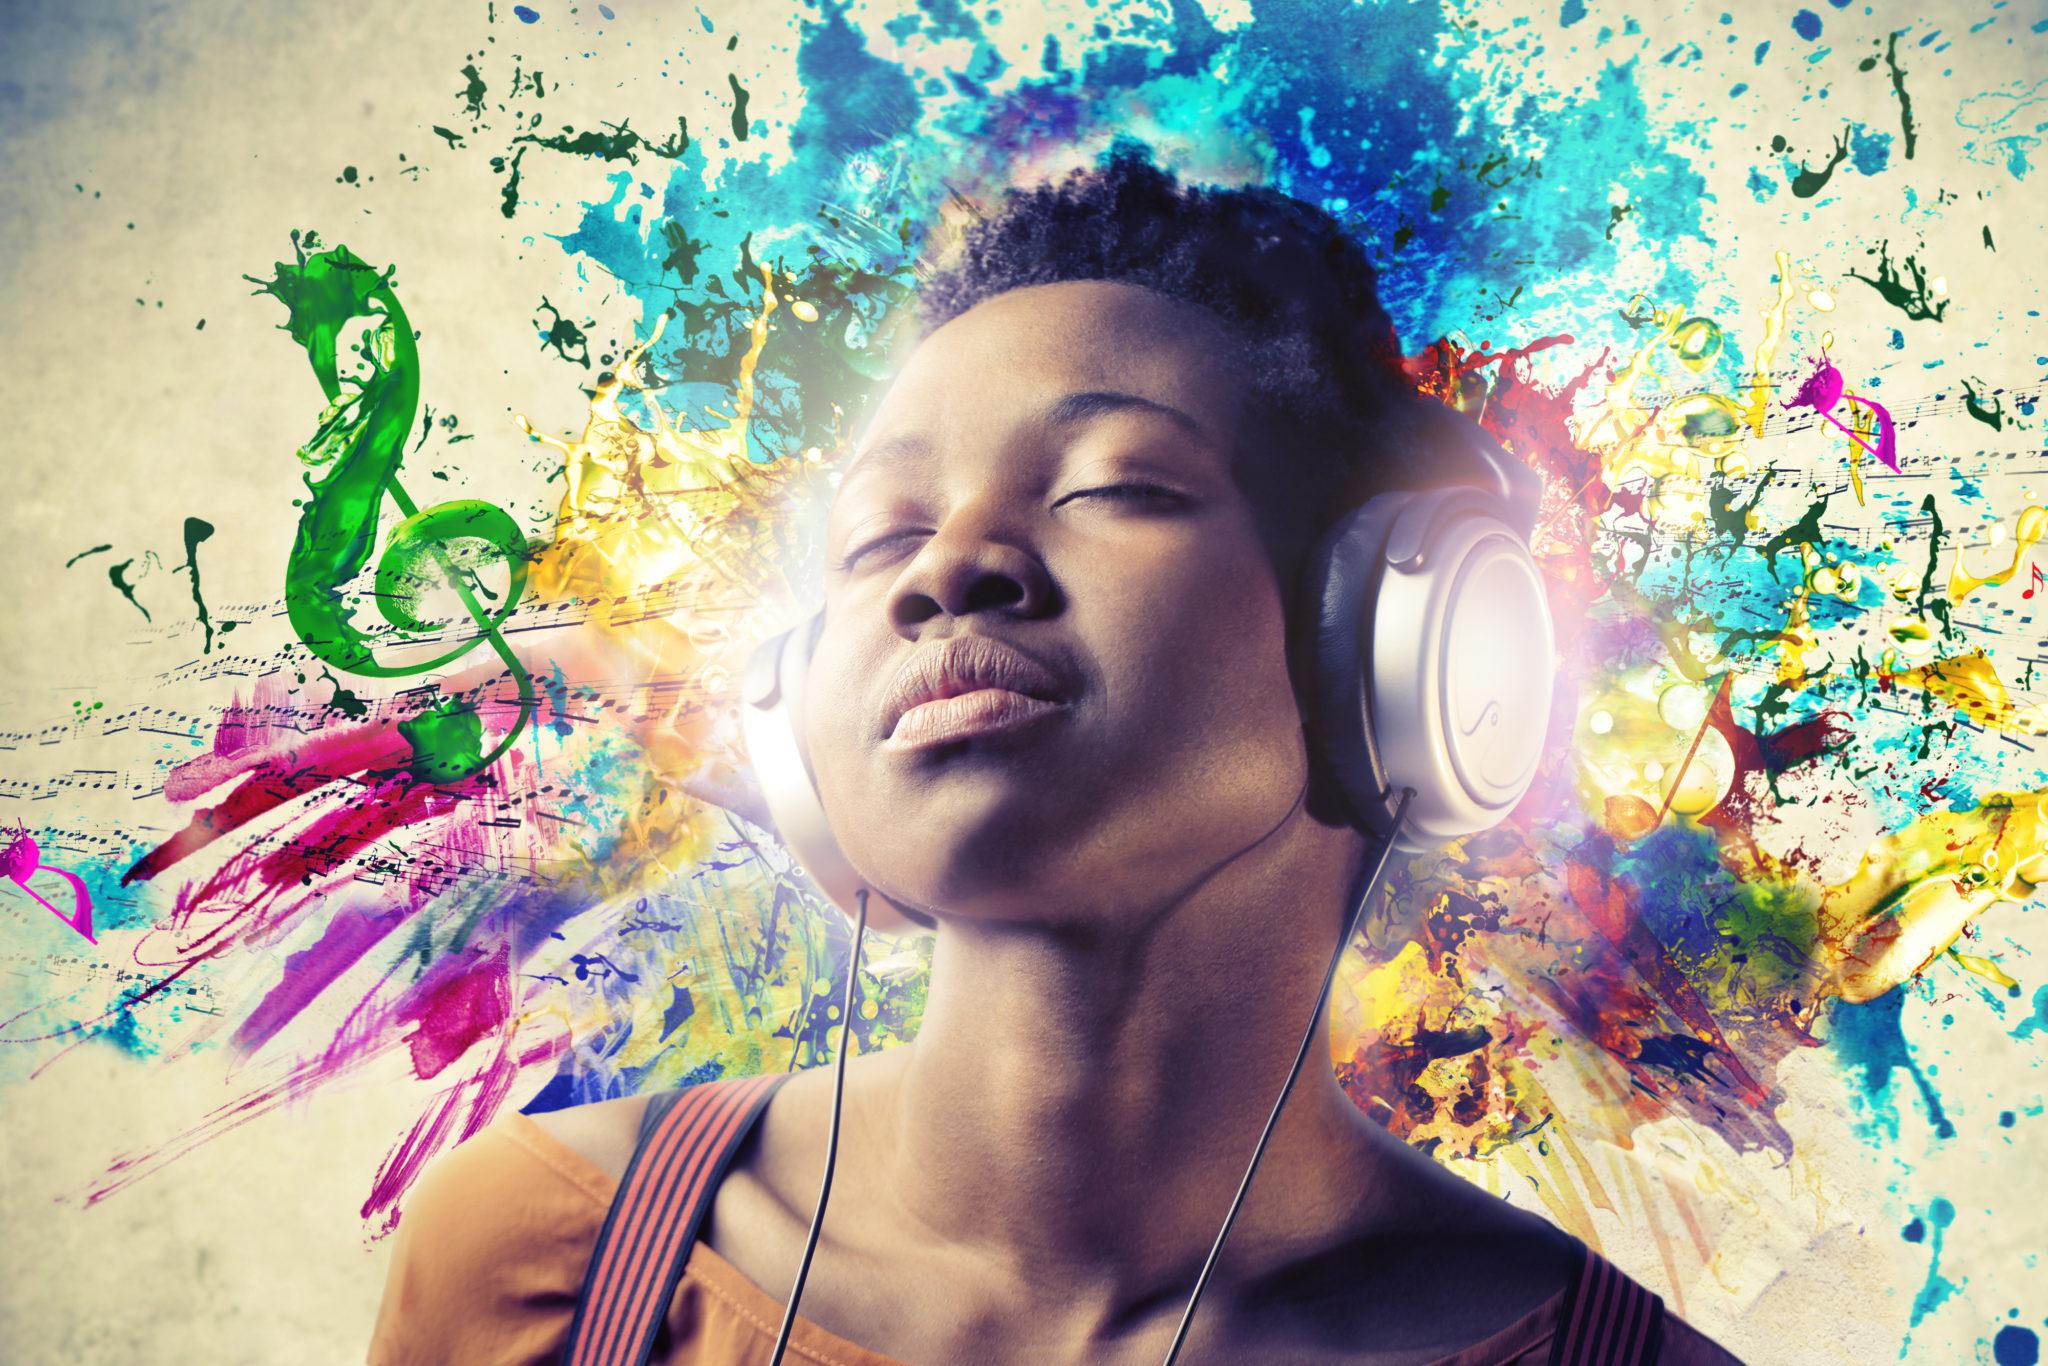 Bei Synästhetikern vermischen sich die Sinne. Zum Beispiel nehmen sie Töne auch als Farben wahr.